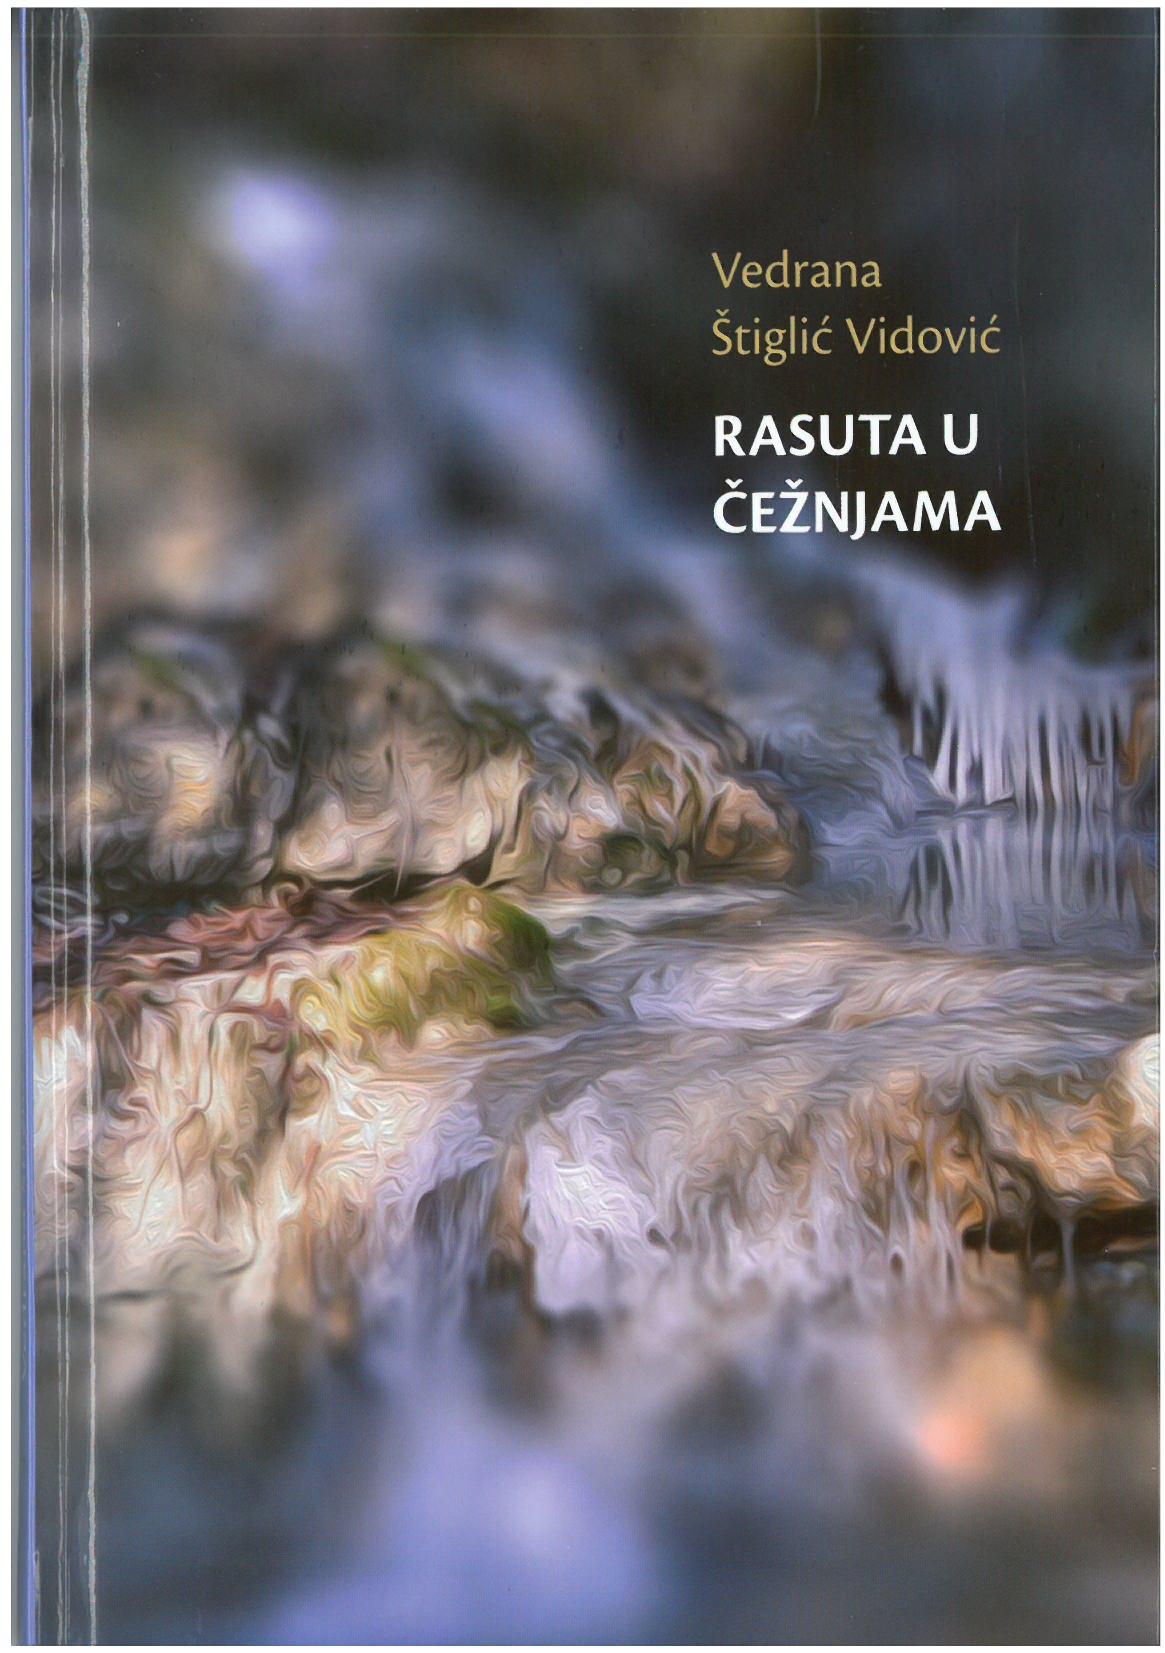 http://www.novigrad.hr/knjizhevna_vecher_vedrana_shtigli_vidovi